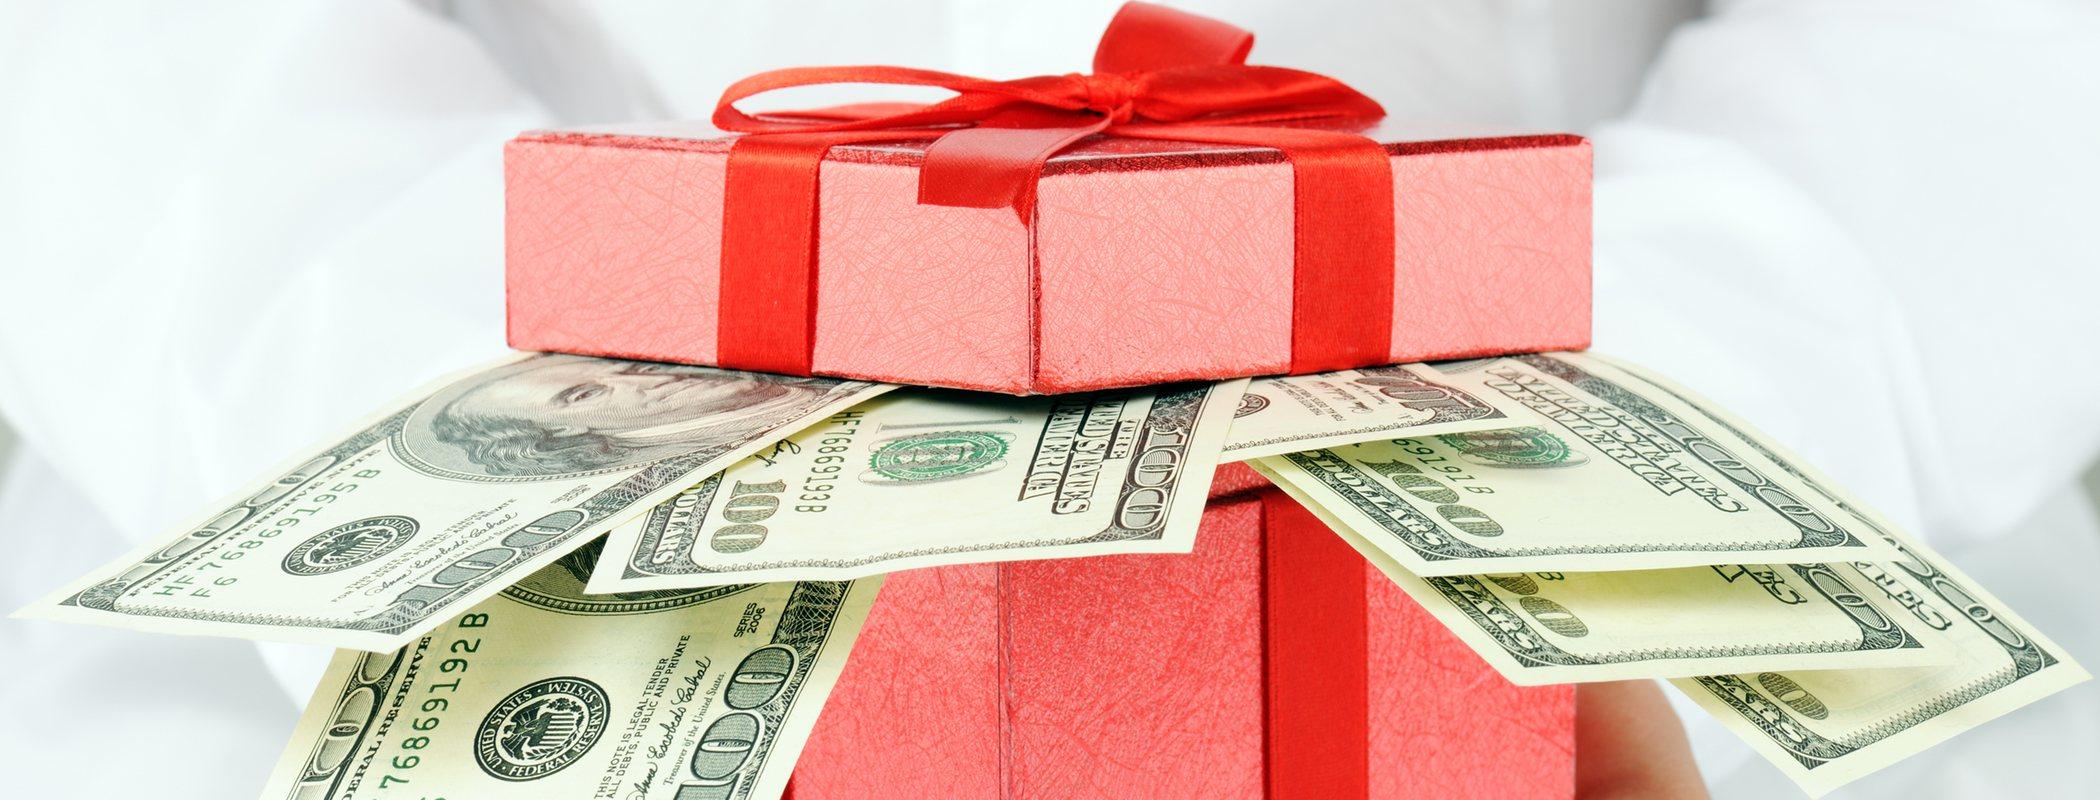 5 ideas para regalar dinero en una boda de forma original